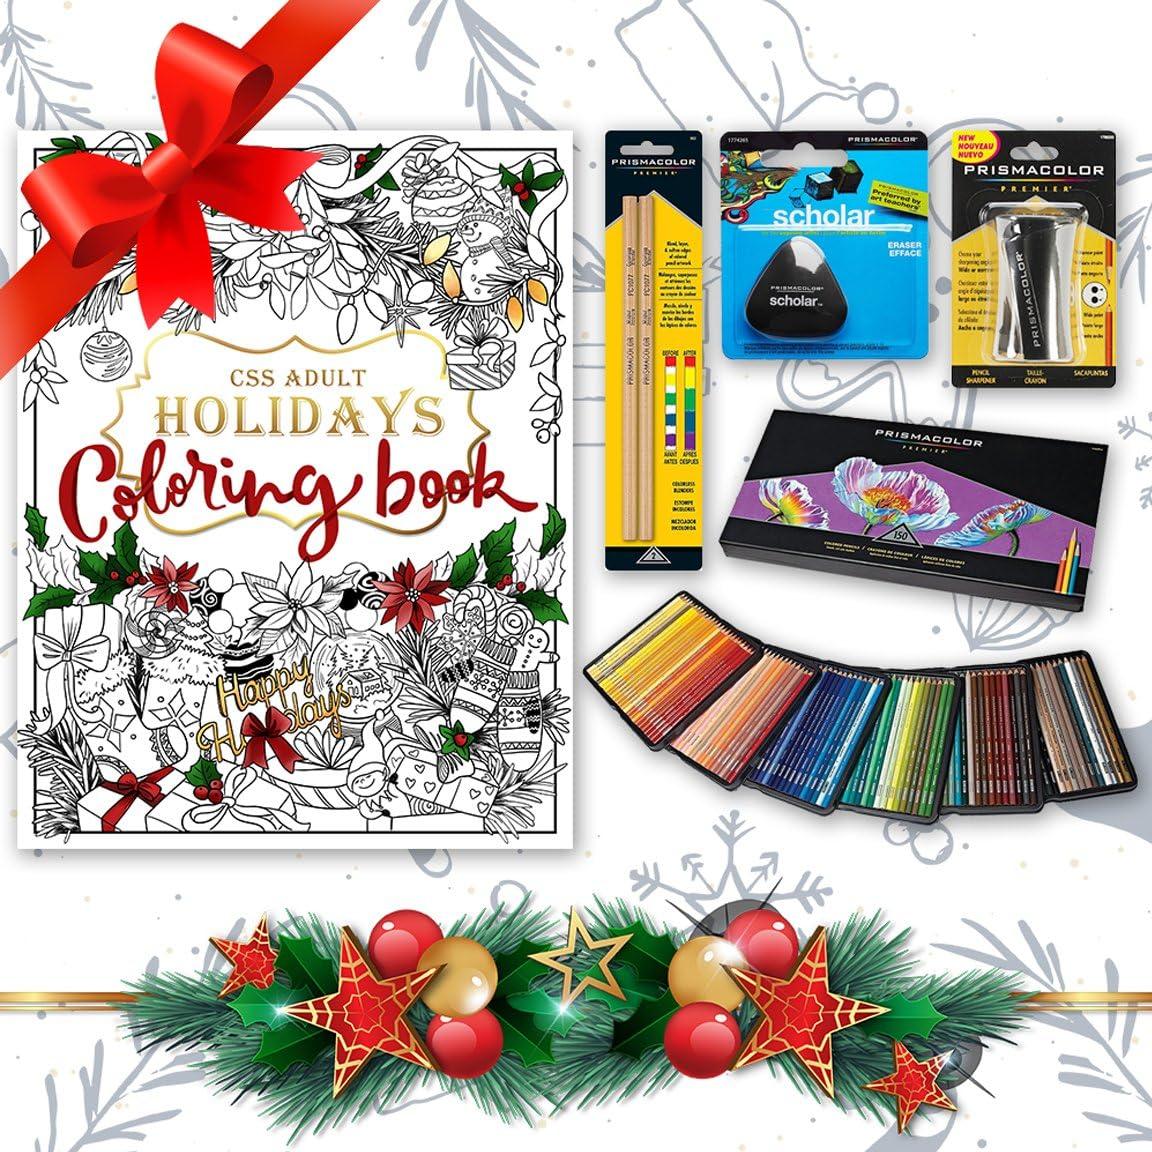 2-pack BUNDLE Prismacolor Blender Pencil Colorless Prismacolor 3 Eraser Set Prismacolor Scholar Colored Pencil Sharpener